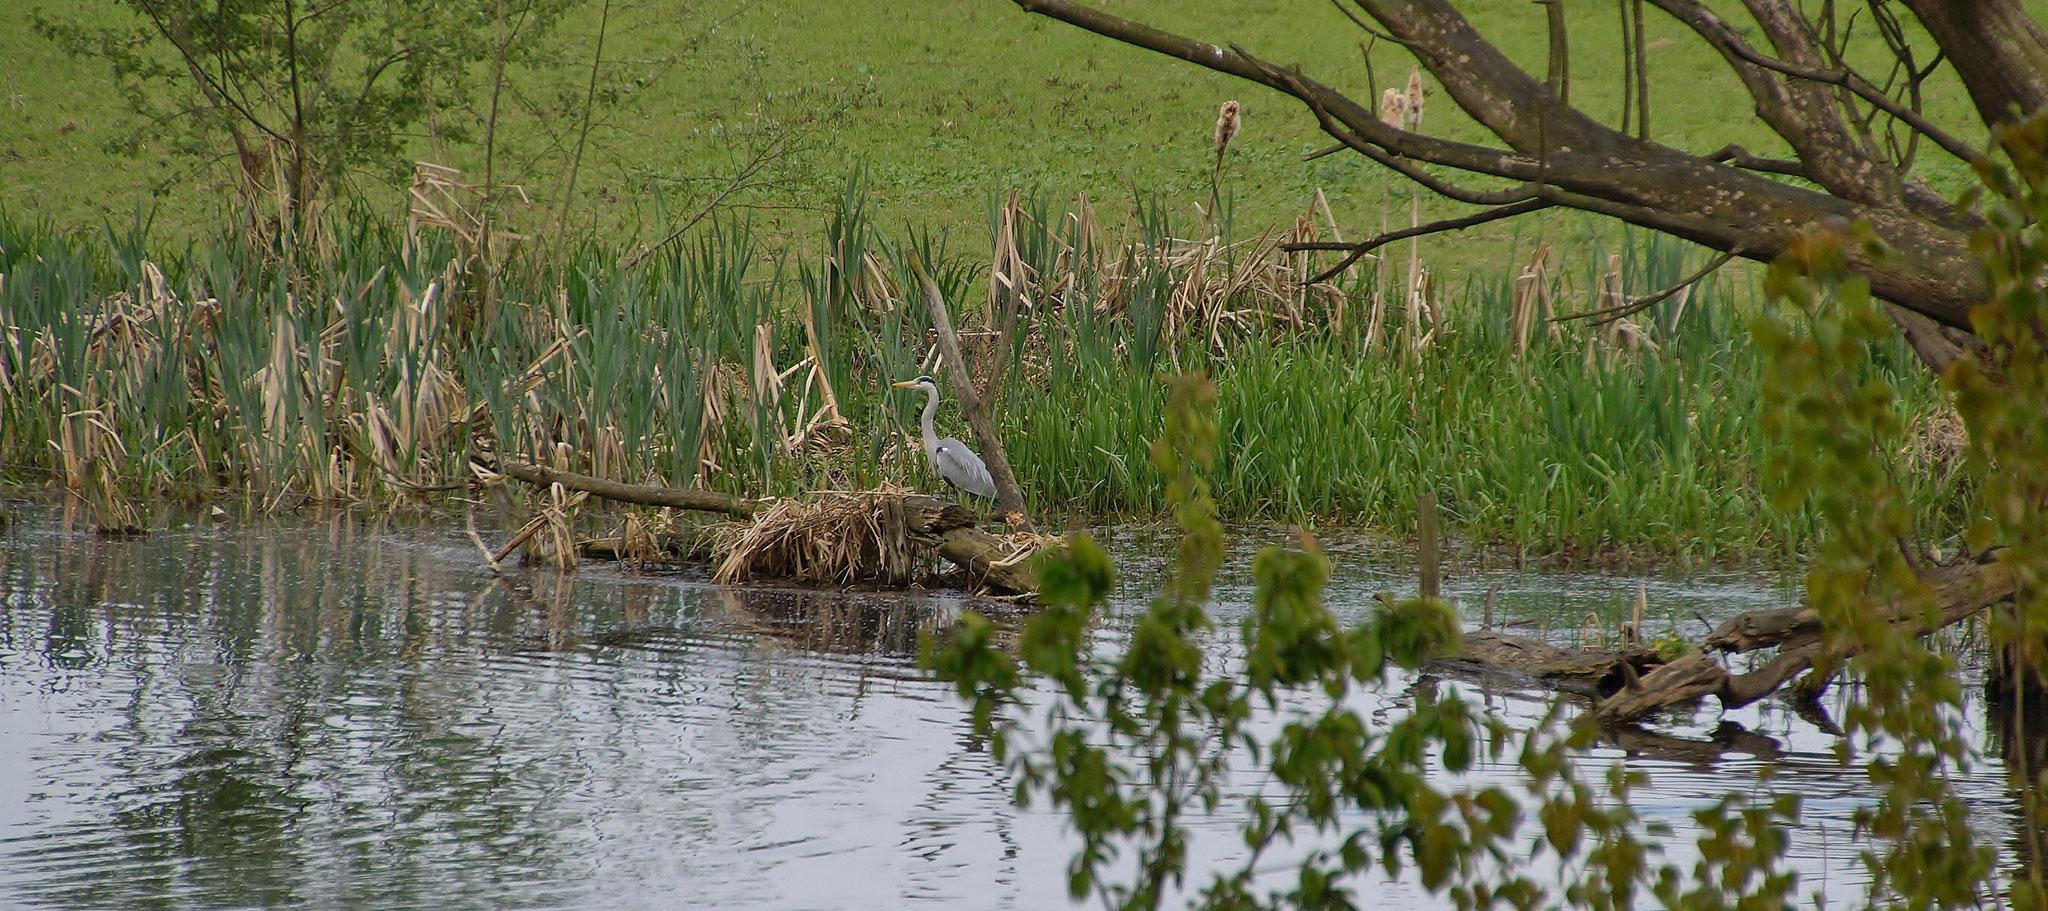 Ein alter Maasarm, Lebensraum für viele Vögel bzw. Wasservögel